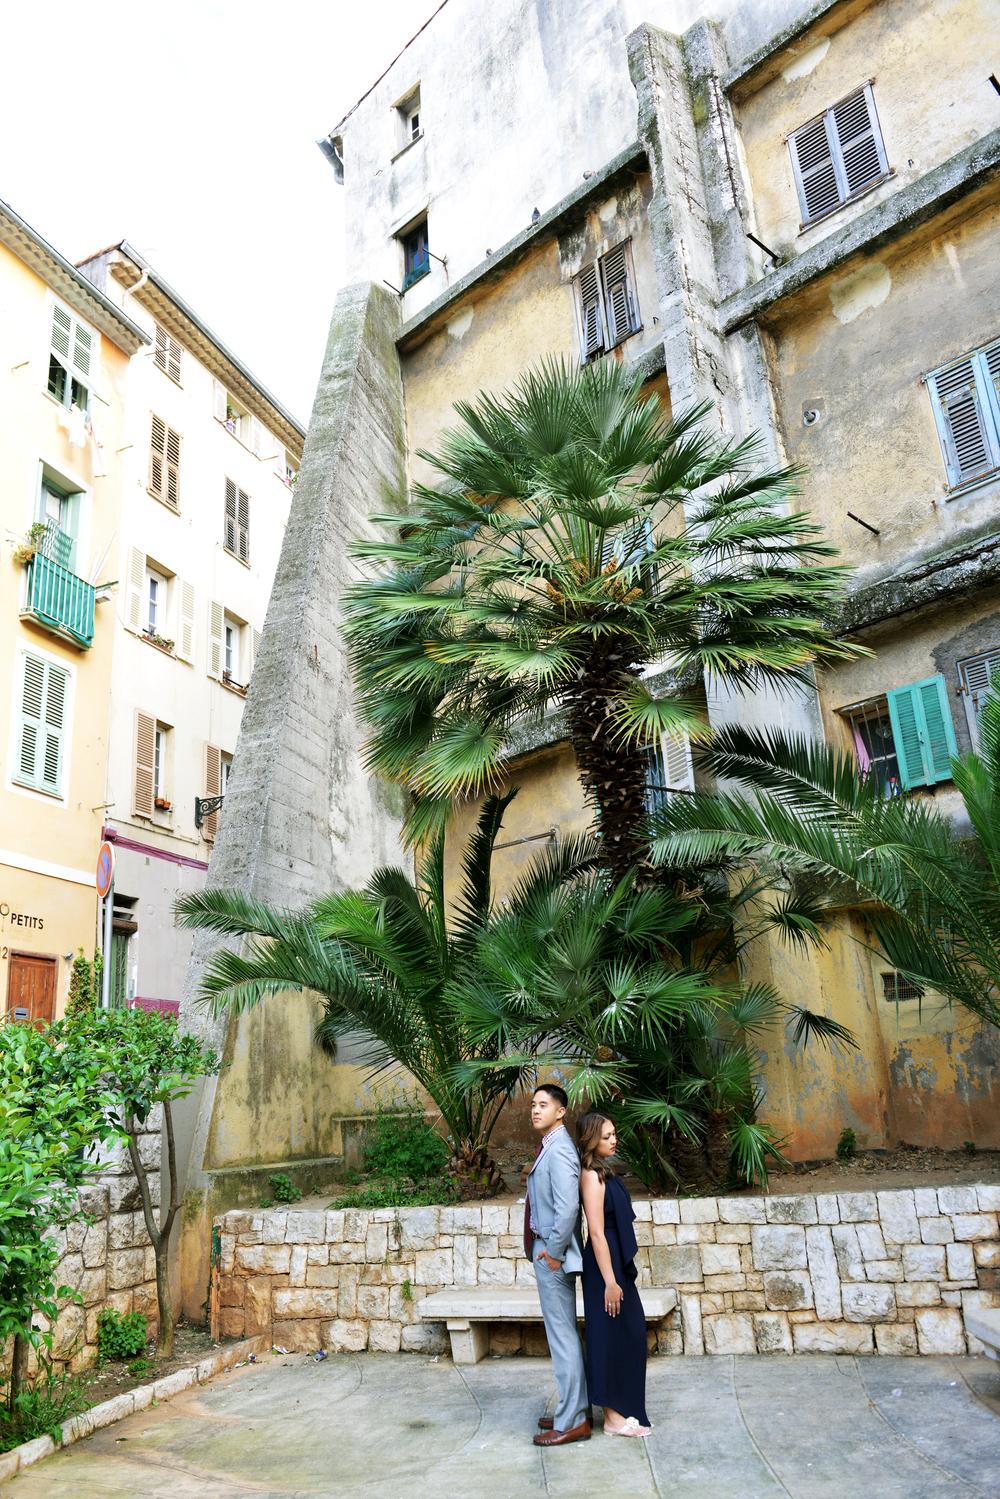 Flytographer Vacation Photographer in Nice - Johann